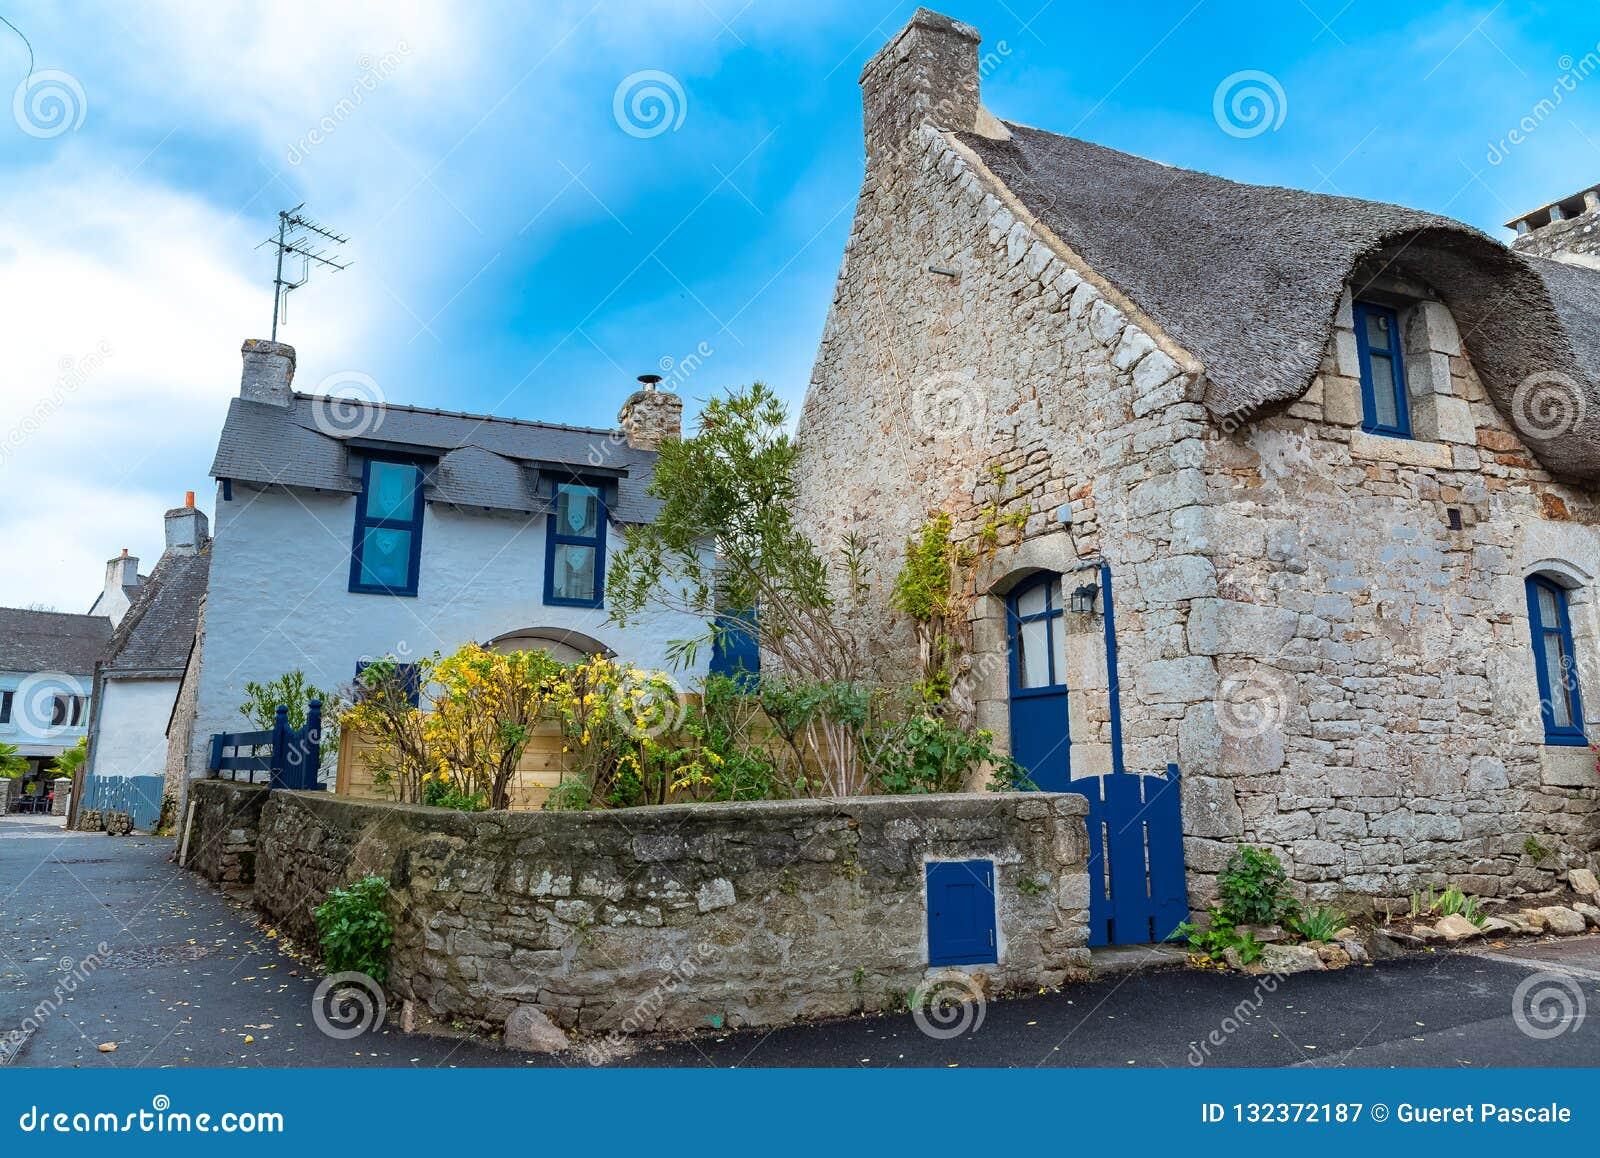 Case tipiche in Bretagna